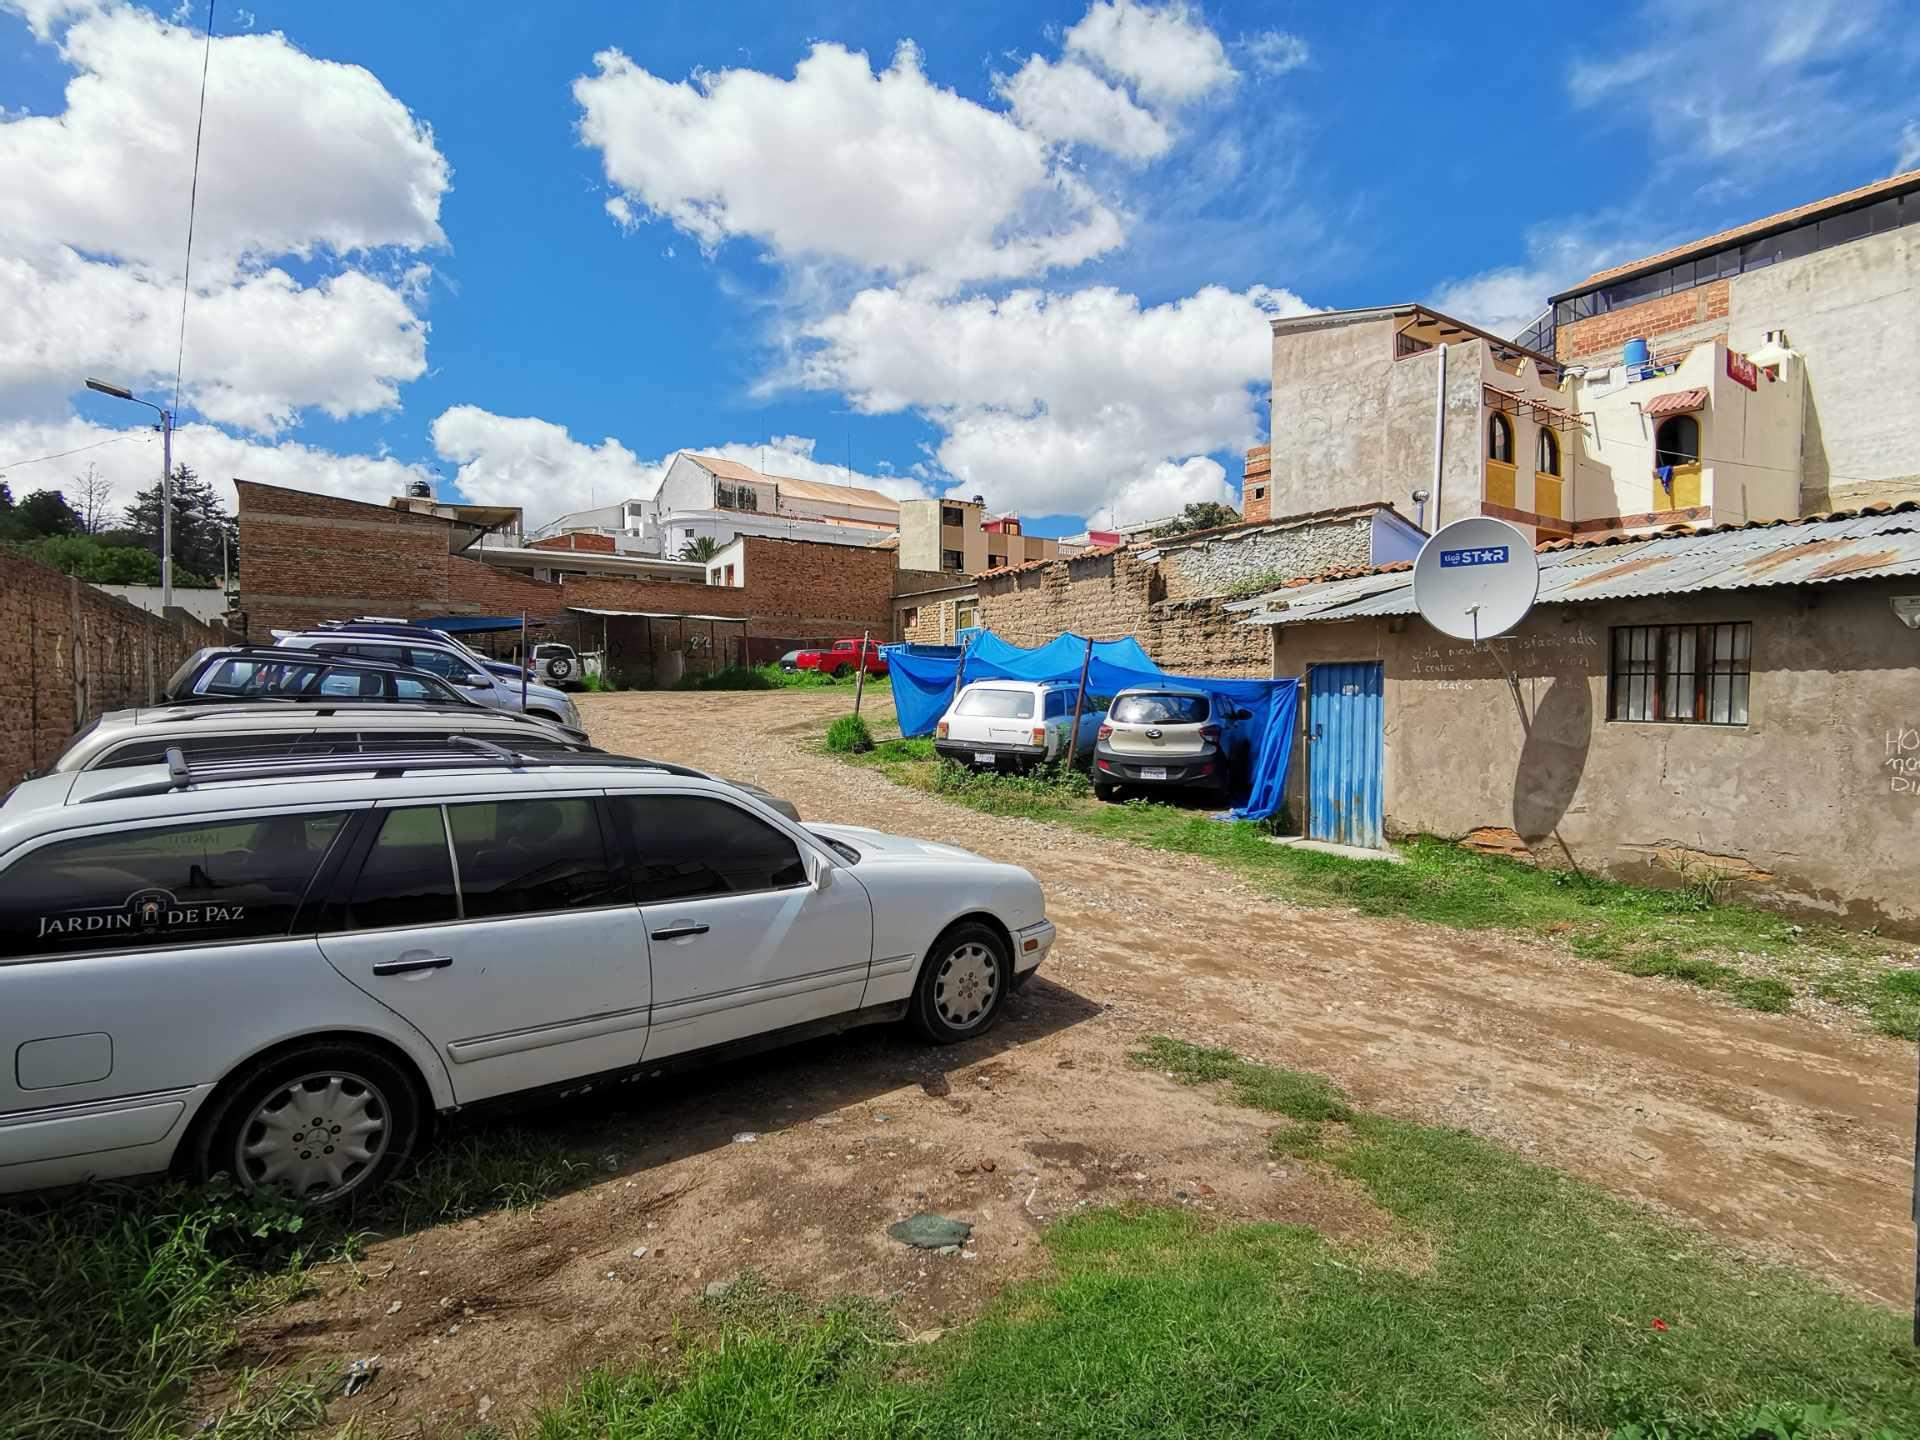 Terreno en Venta Zona Central. Calle Ayacucho nro. 437 Foto 5